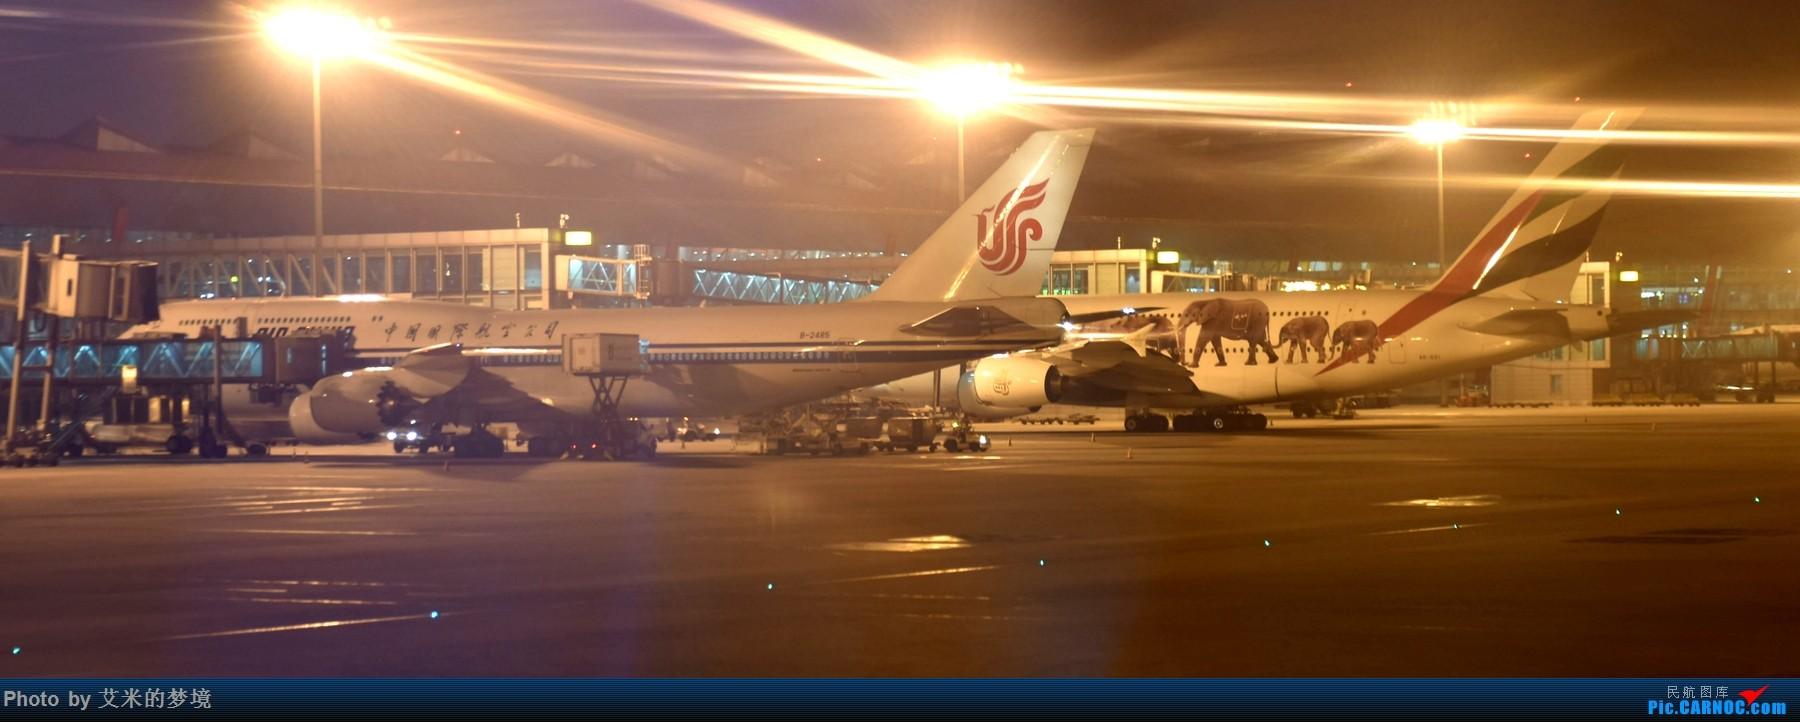 Re:[原创]【carnoc重庆飞友会】北京送行,所见飞行 BOEING 747-8I B-2485 中国北京首都国际机场